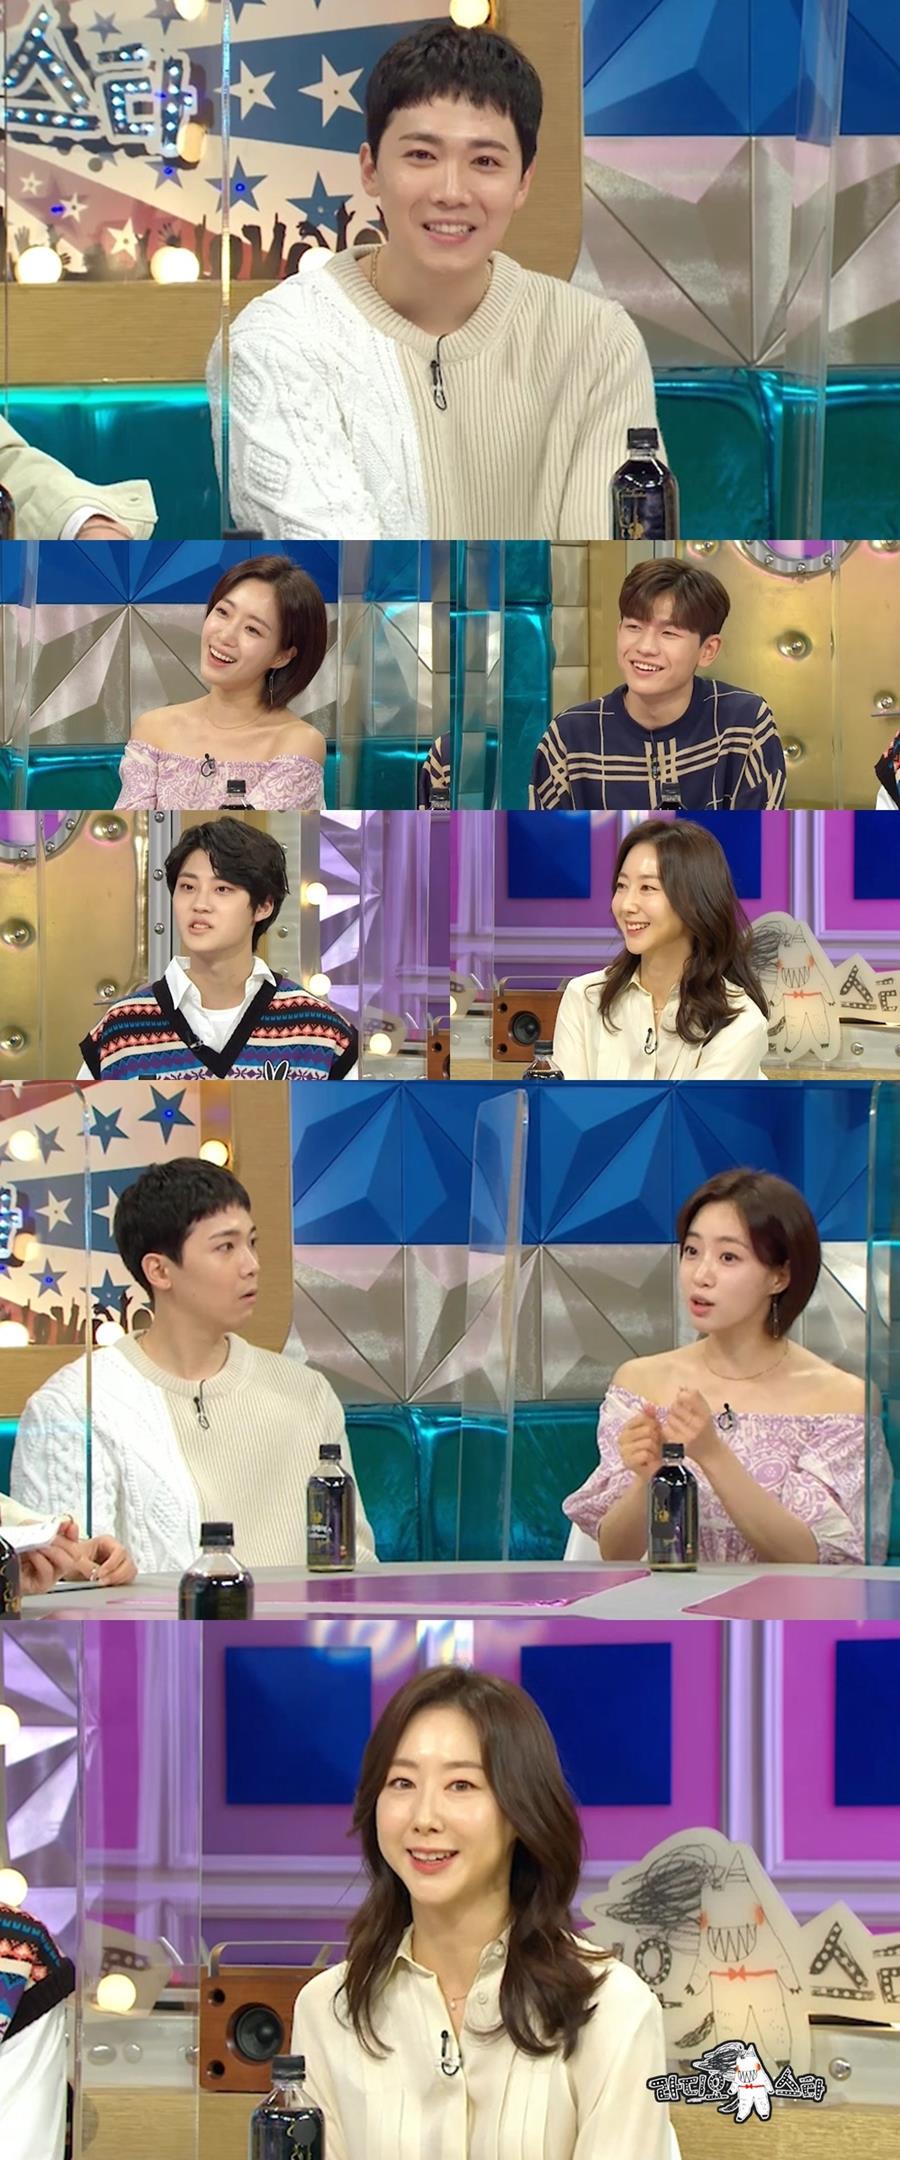 이홍기, 김수현·이승기 추천한 '슬기로운 군대 생활' 팁 공개(라스)